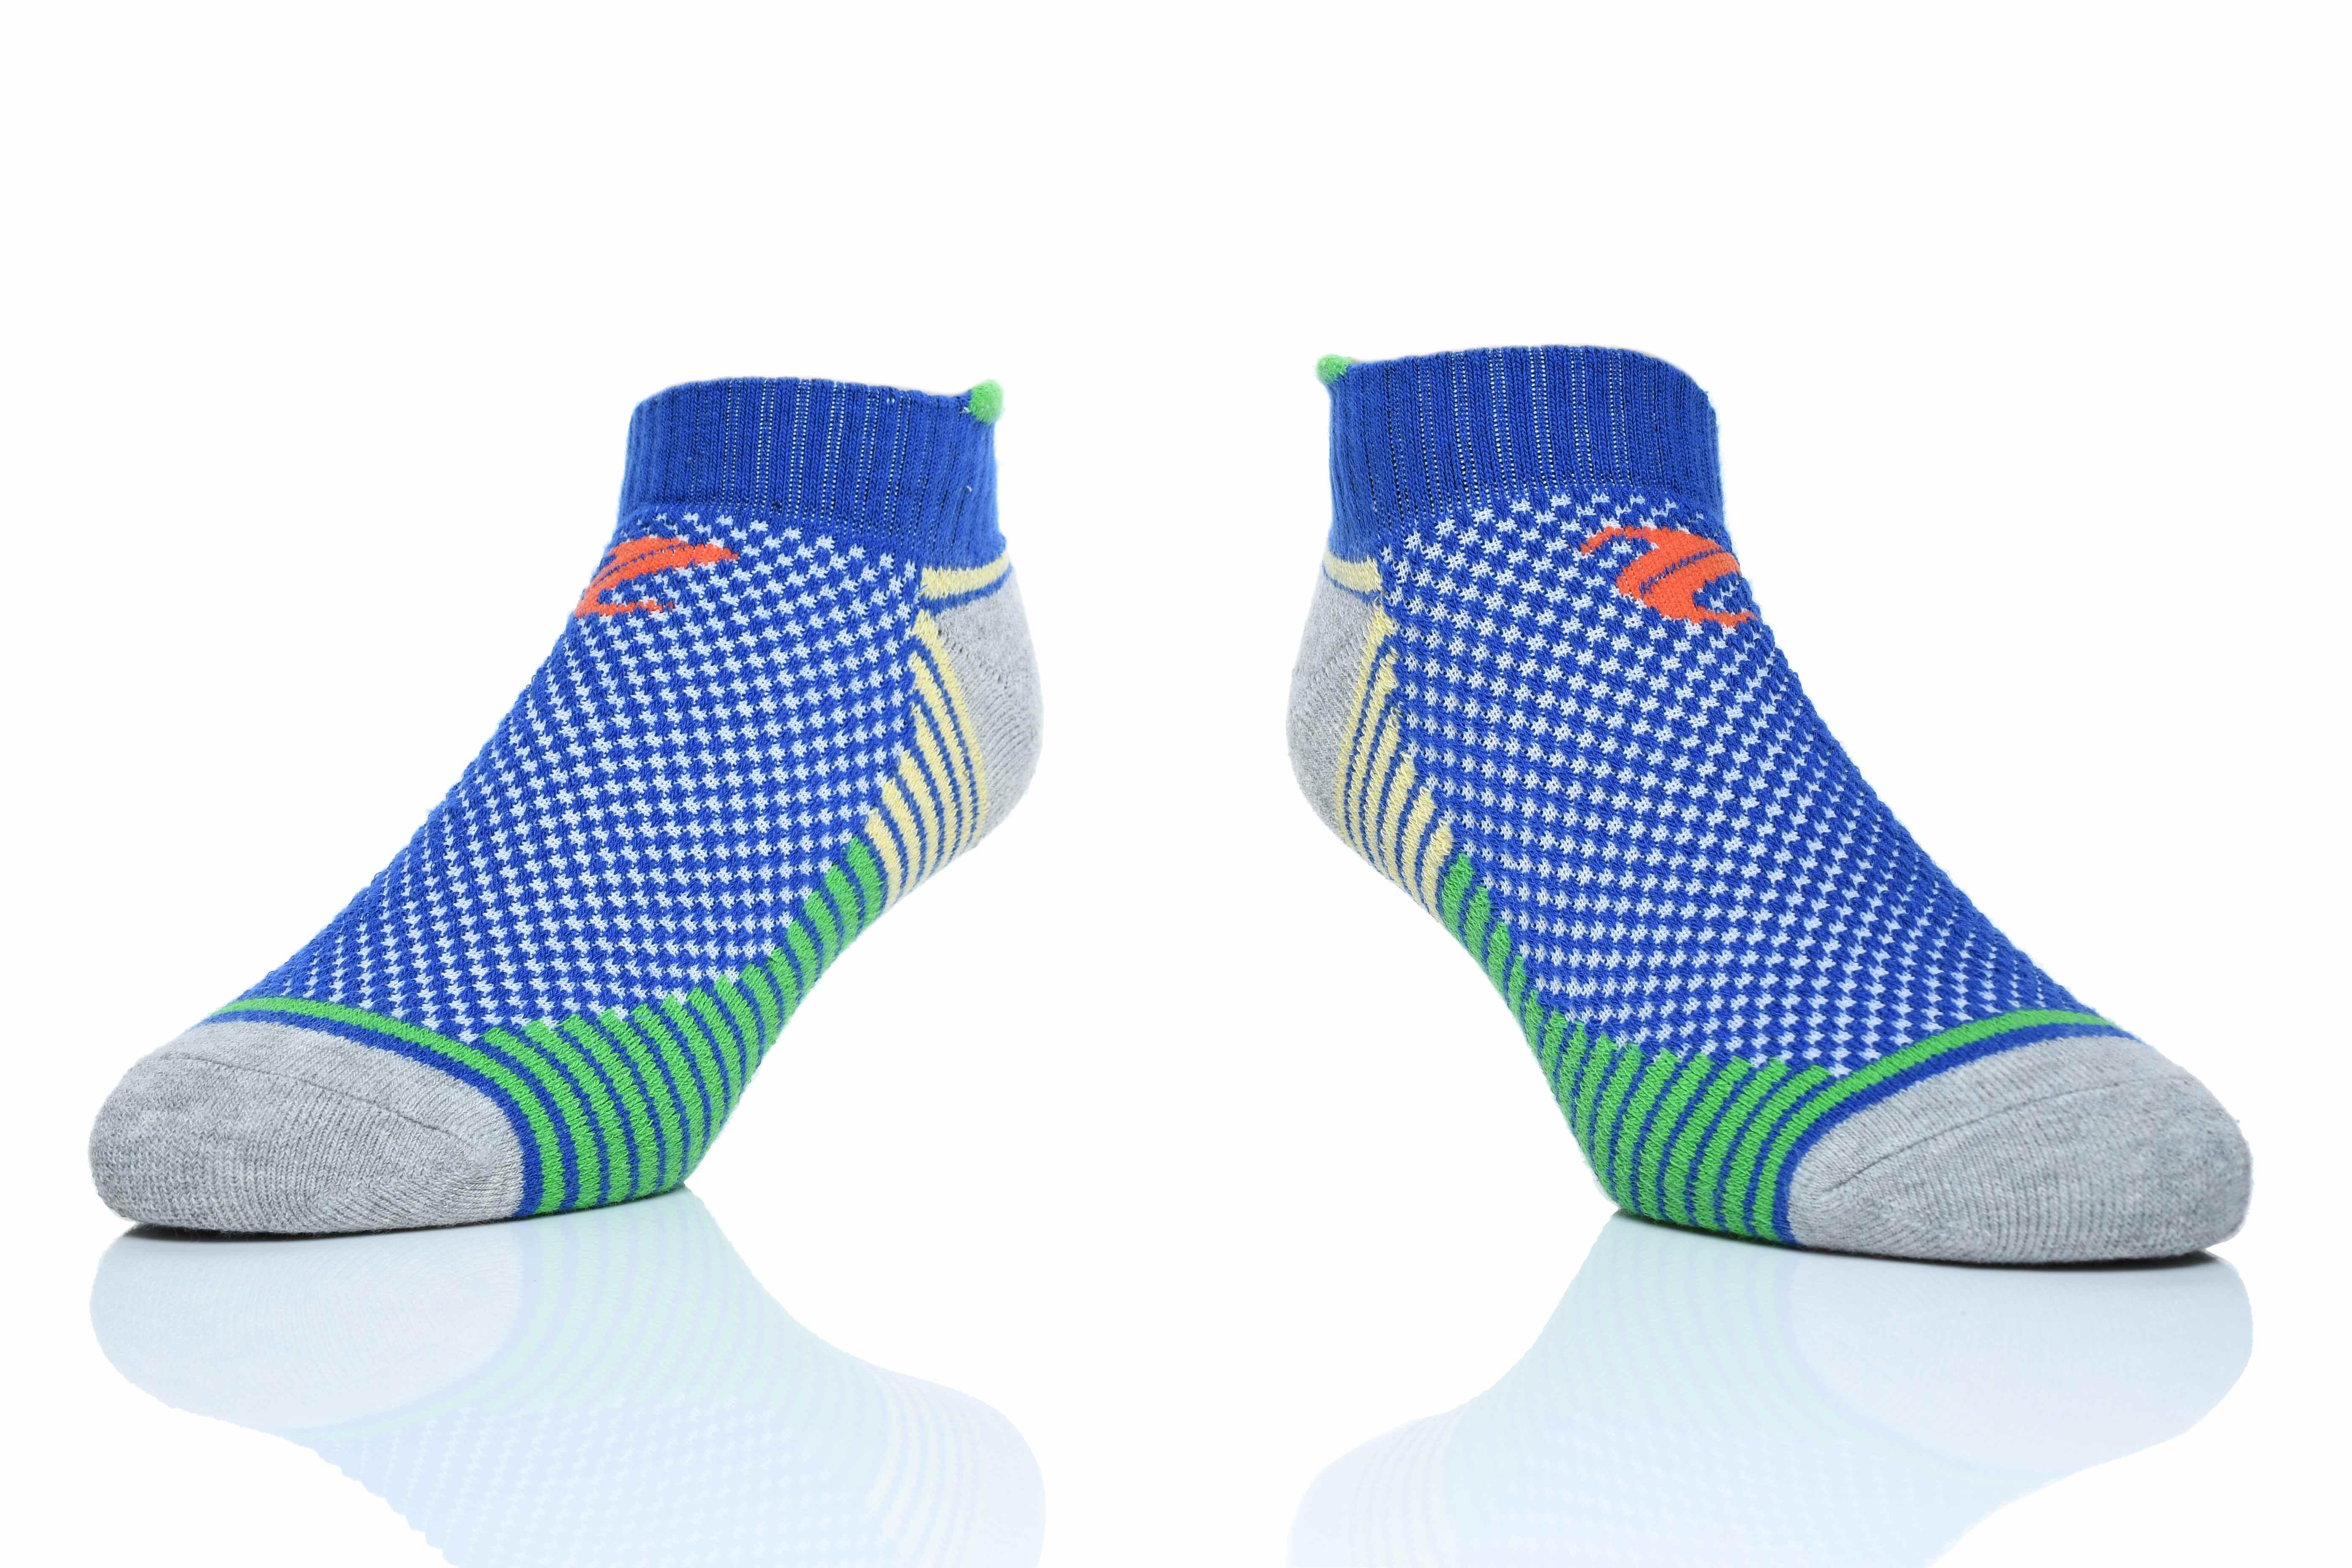 【R11】接單生產- 高緩衝透氣-運動襪